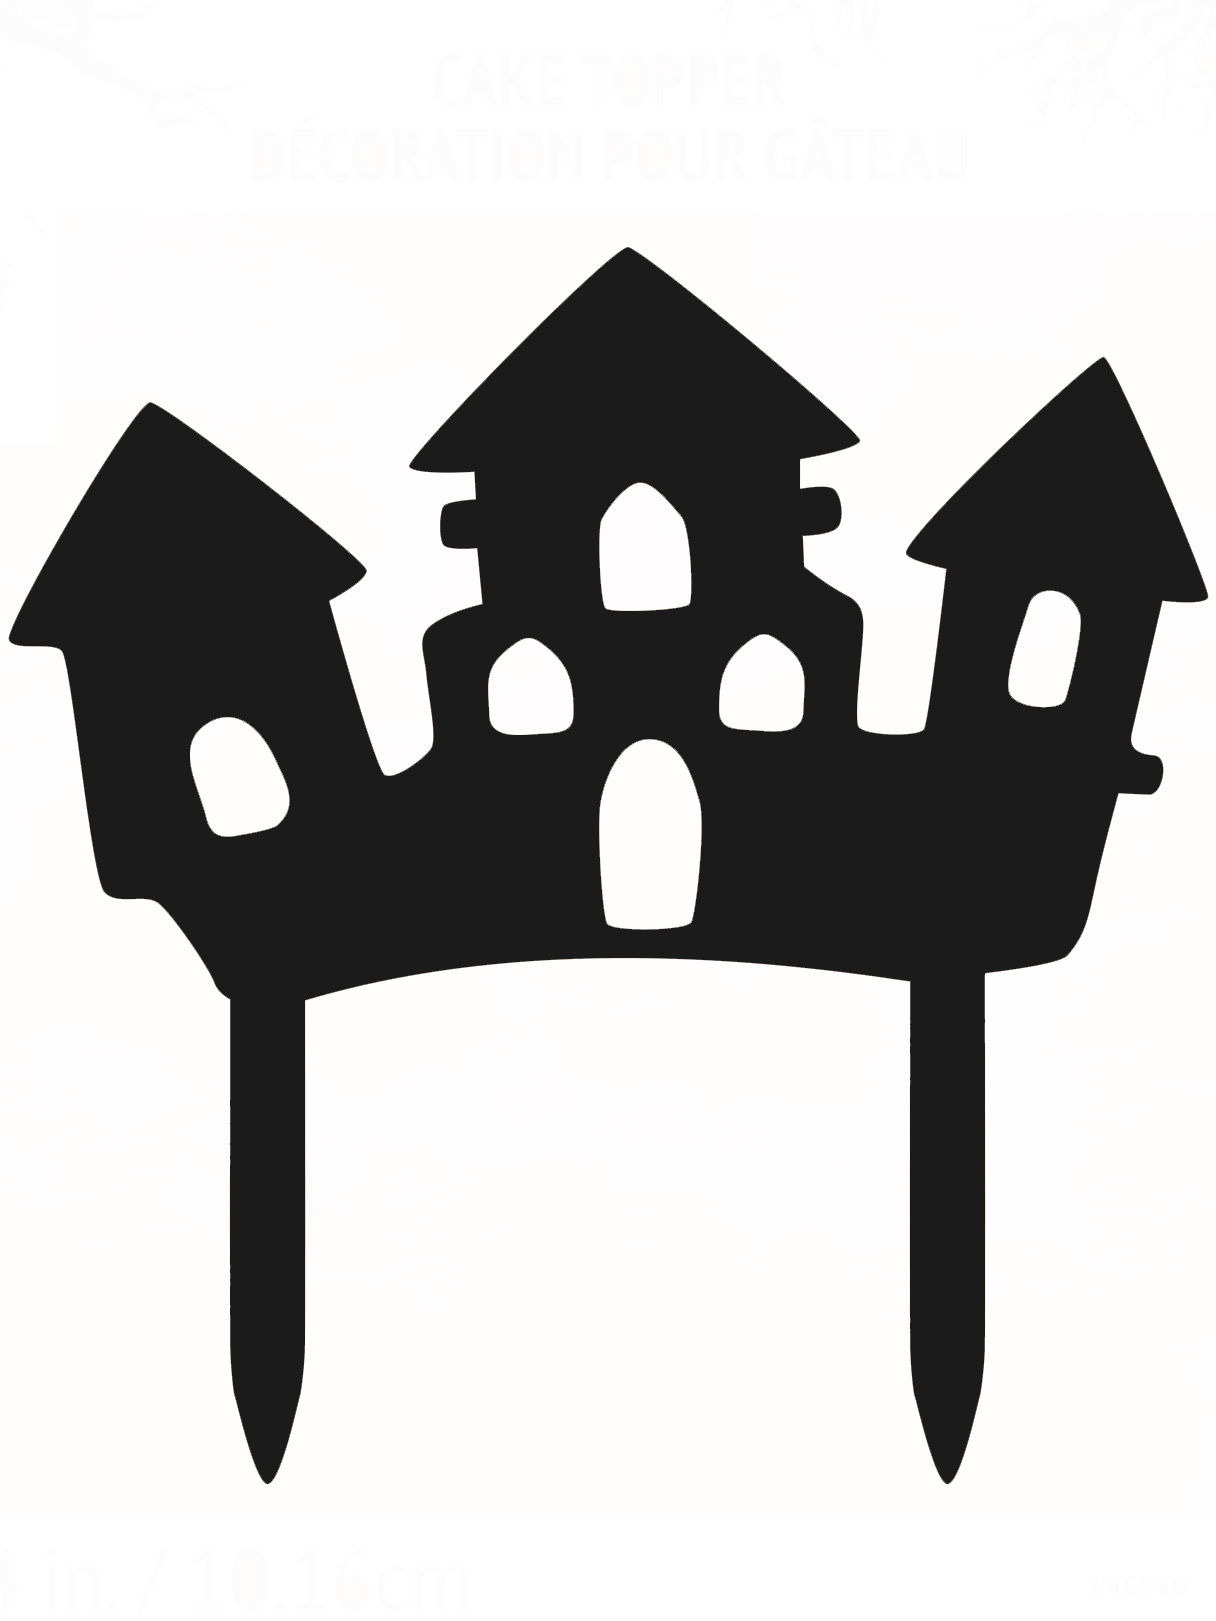 D coration pour g teau maison hant e halloween achat de for Decoration maison hantee